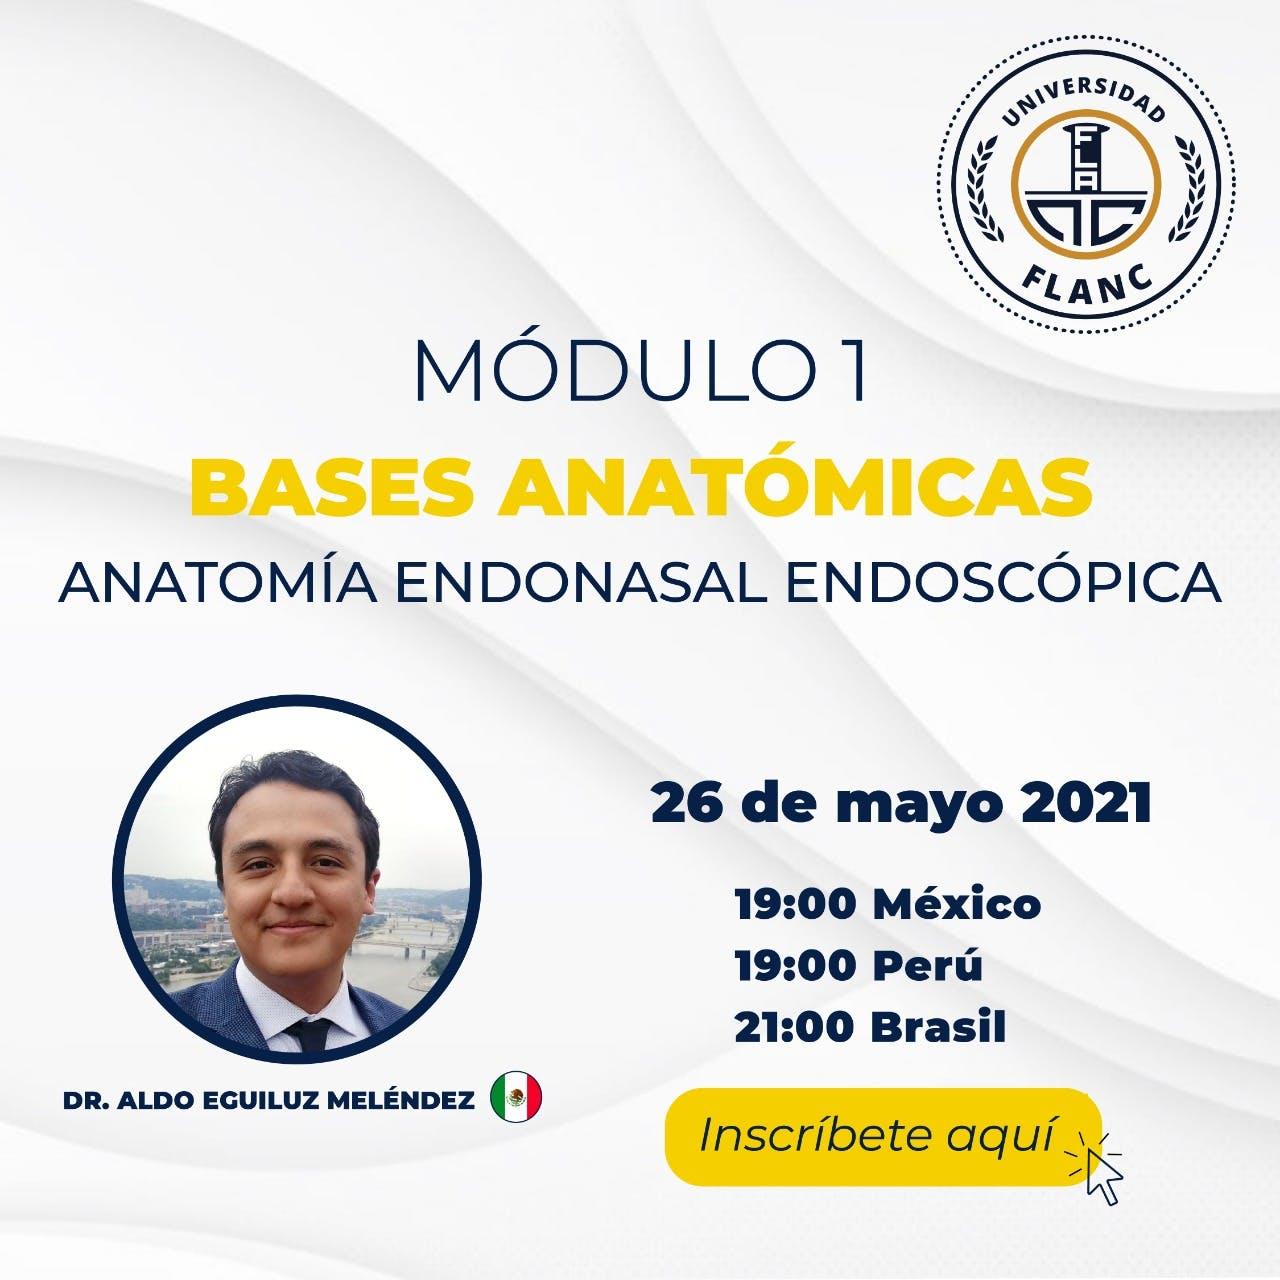 Se acabo, esta grabado AQUI…..Modulo 1, Bases Anatomicas: Anatomia Endonasal Endoscopica, por Aldo Eguiluz Melendez MD